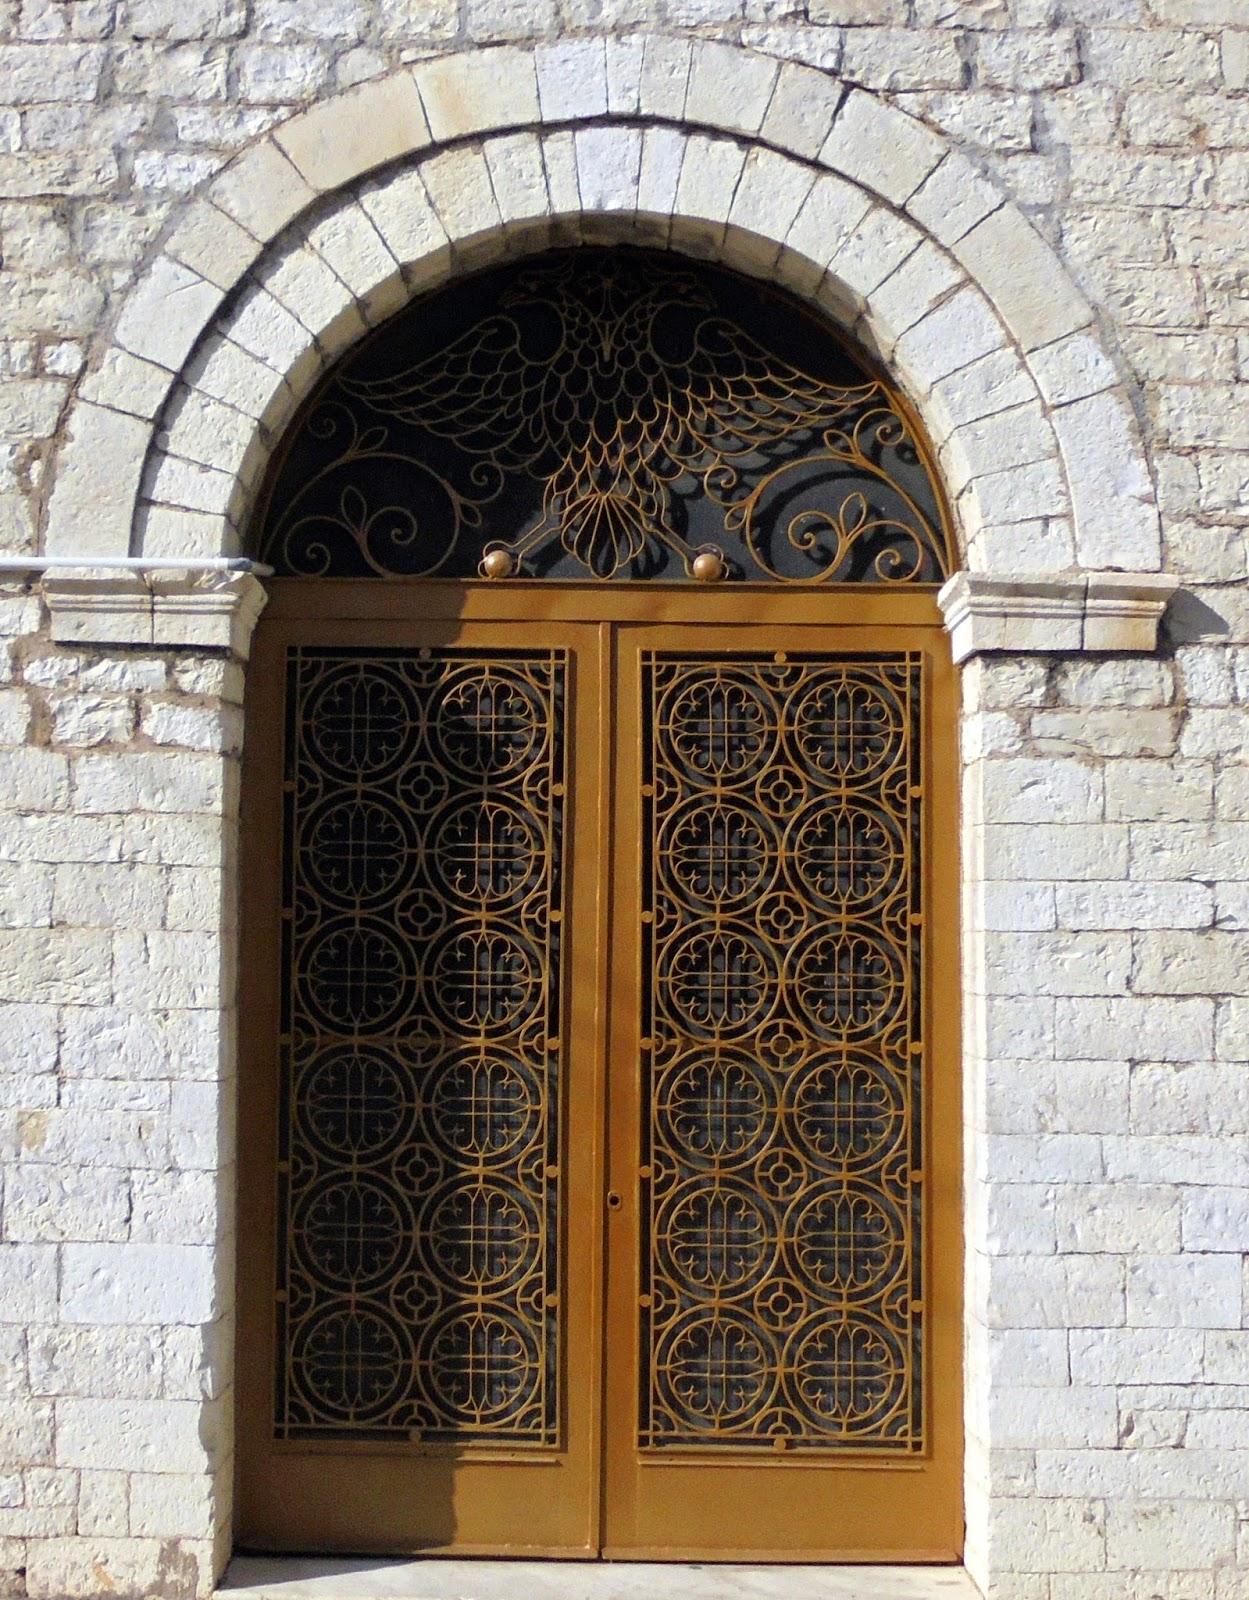 το ναό της αγίας Παρασκευής στο Μεσολόγγι